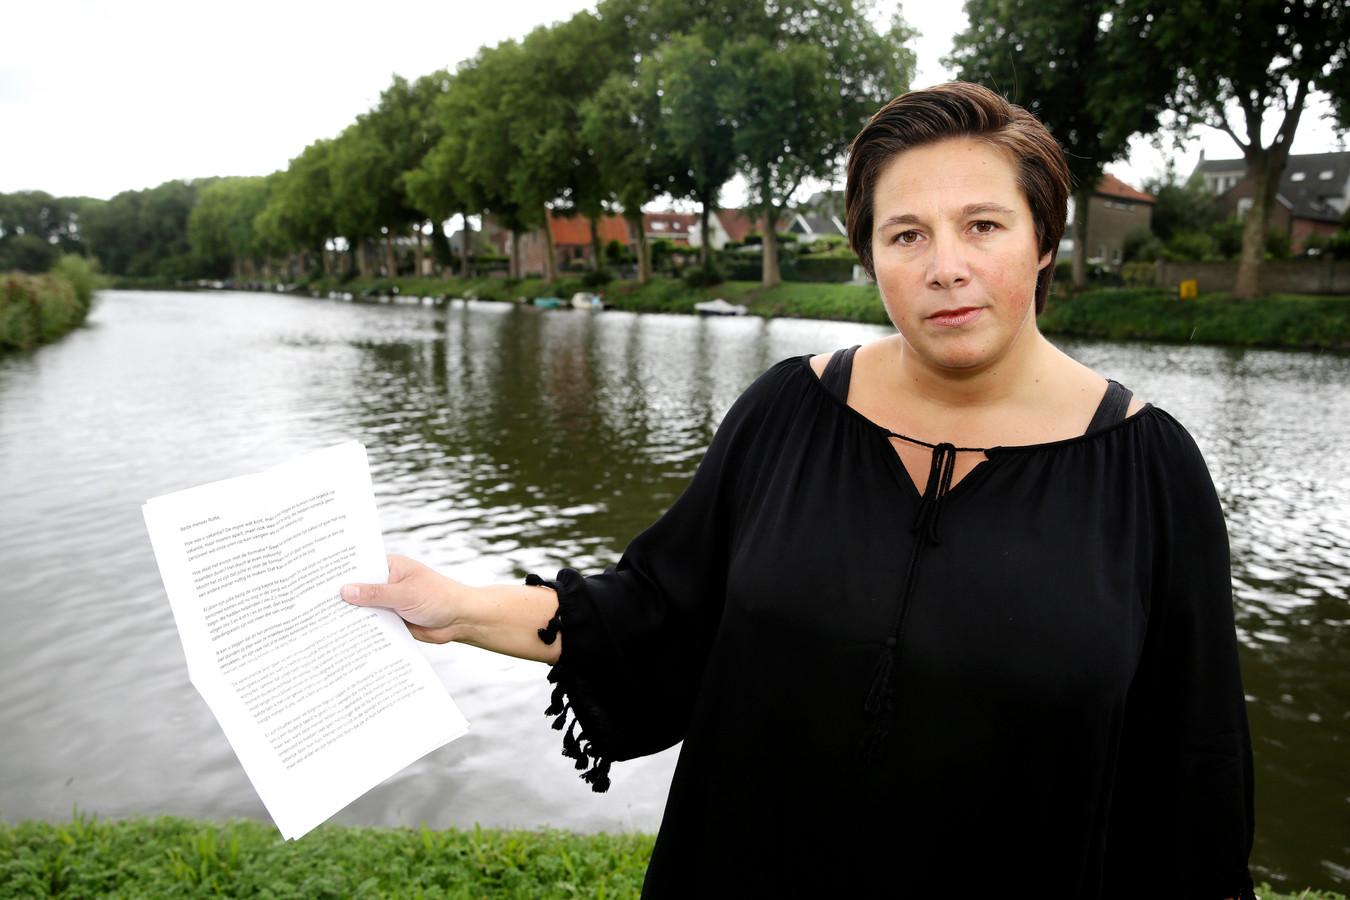 """Geralda den Ouden (37) maakt zich zorgen over het personeelstekort in de zorg. ,,Hoe moeten we dit in vredesnaam oplossen?"""" vraagt ze zich af, met de brief in haar hand."""